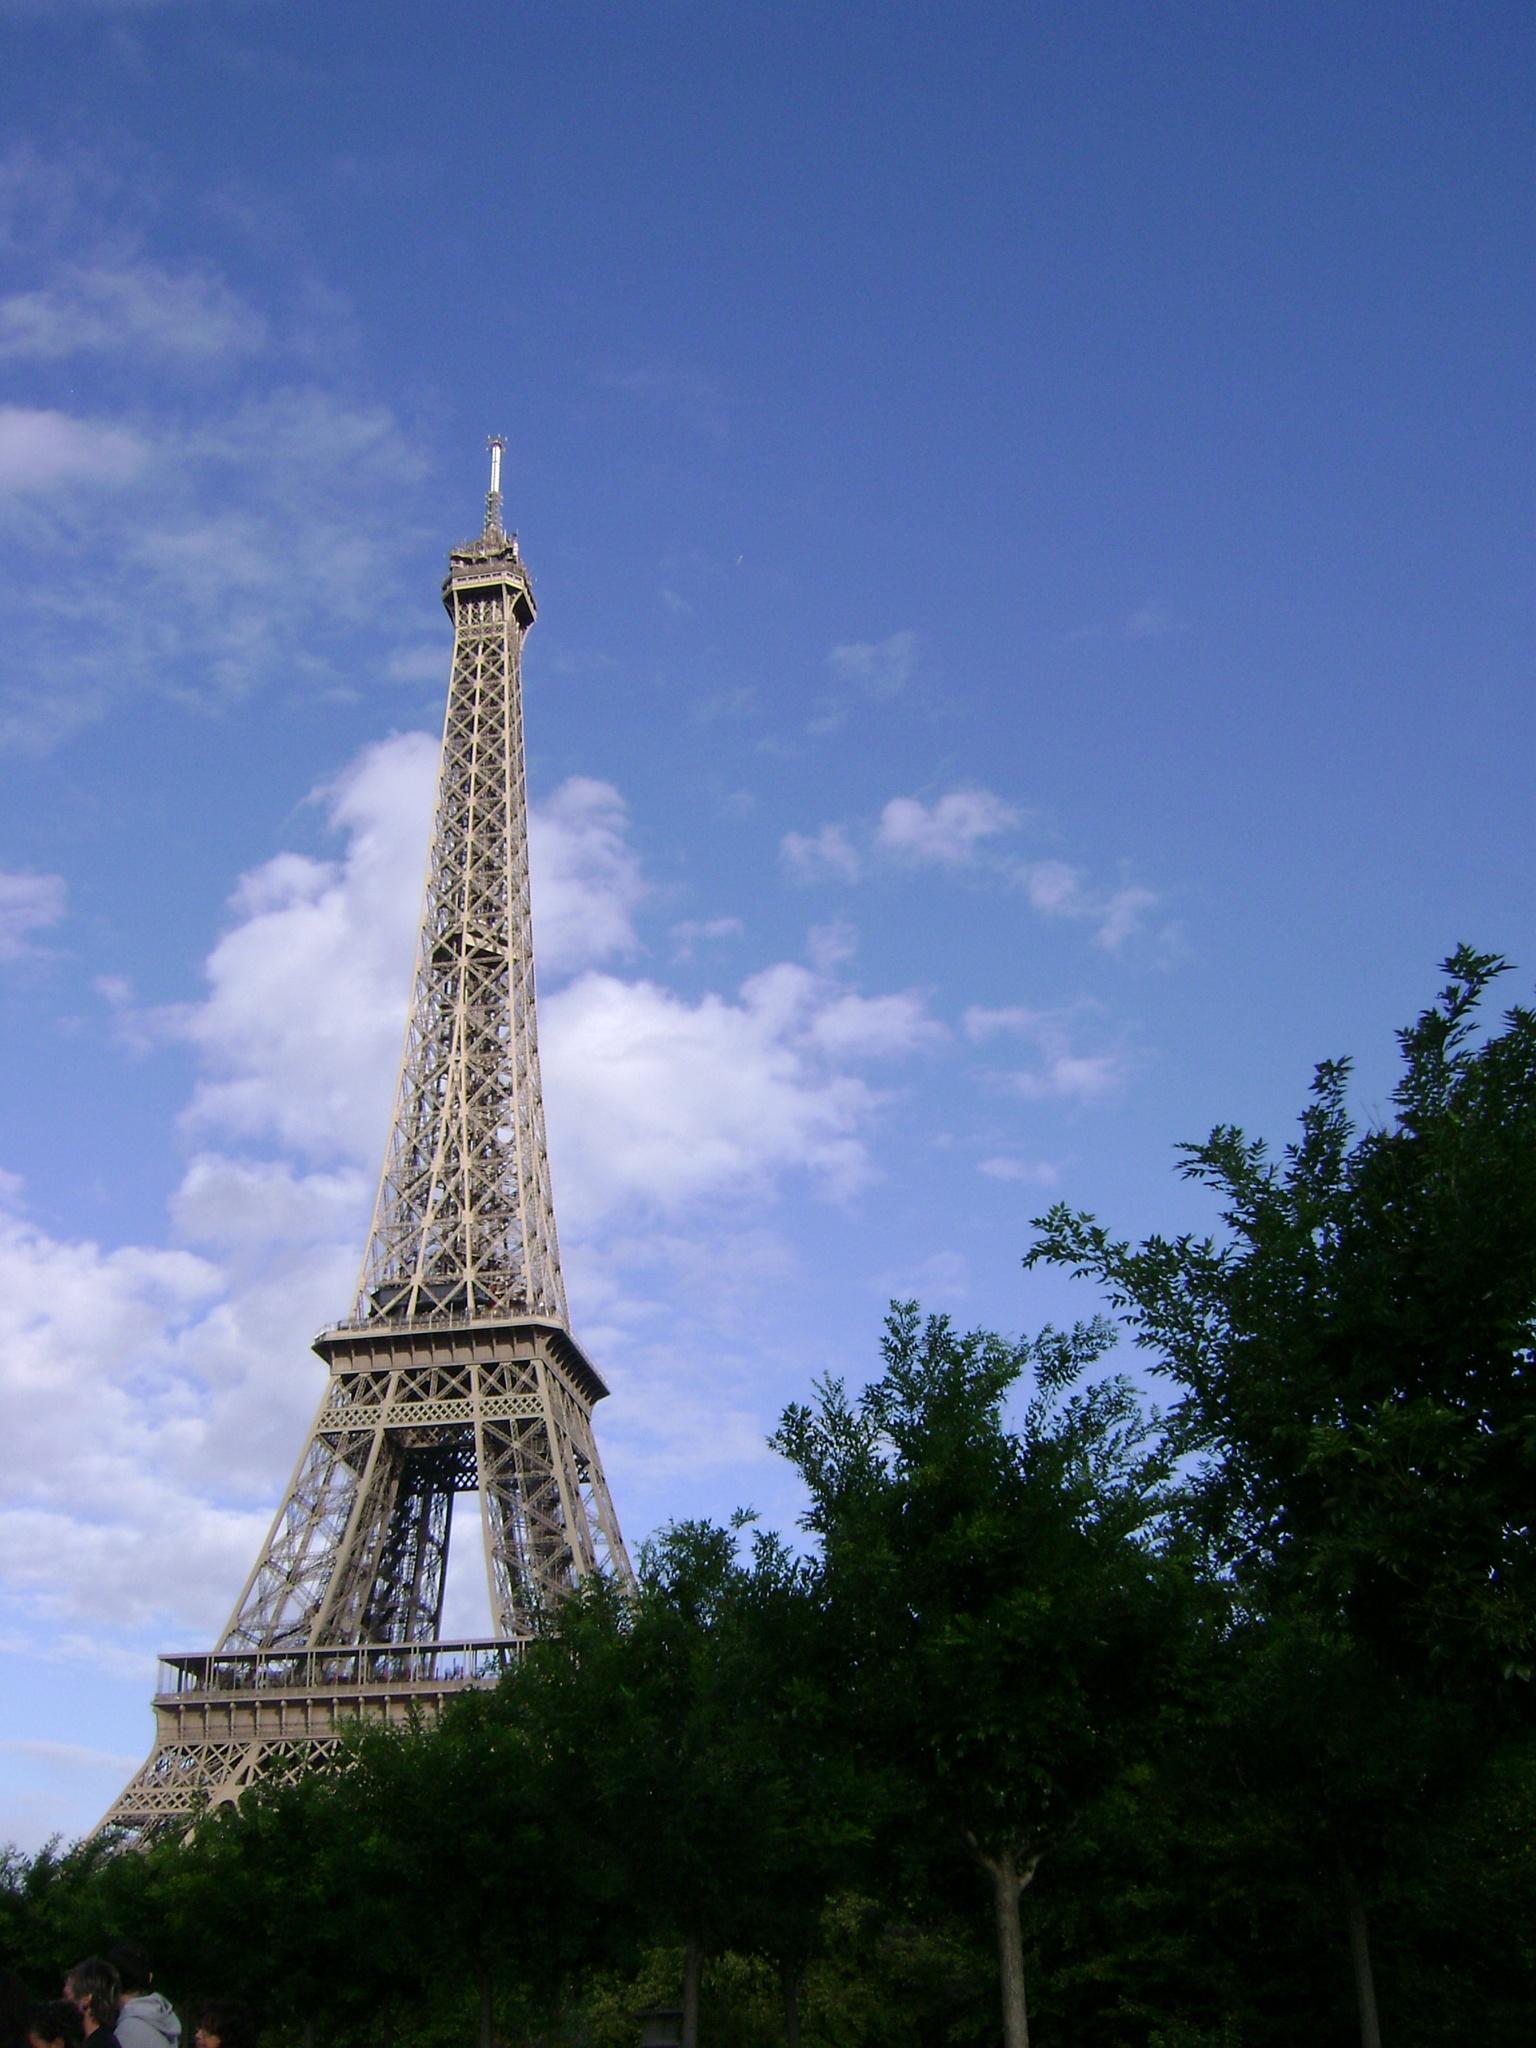 Eiffel tower by Debbie Engelbrecht